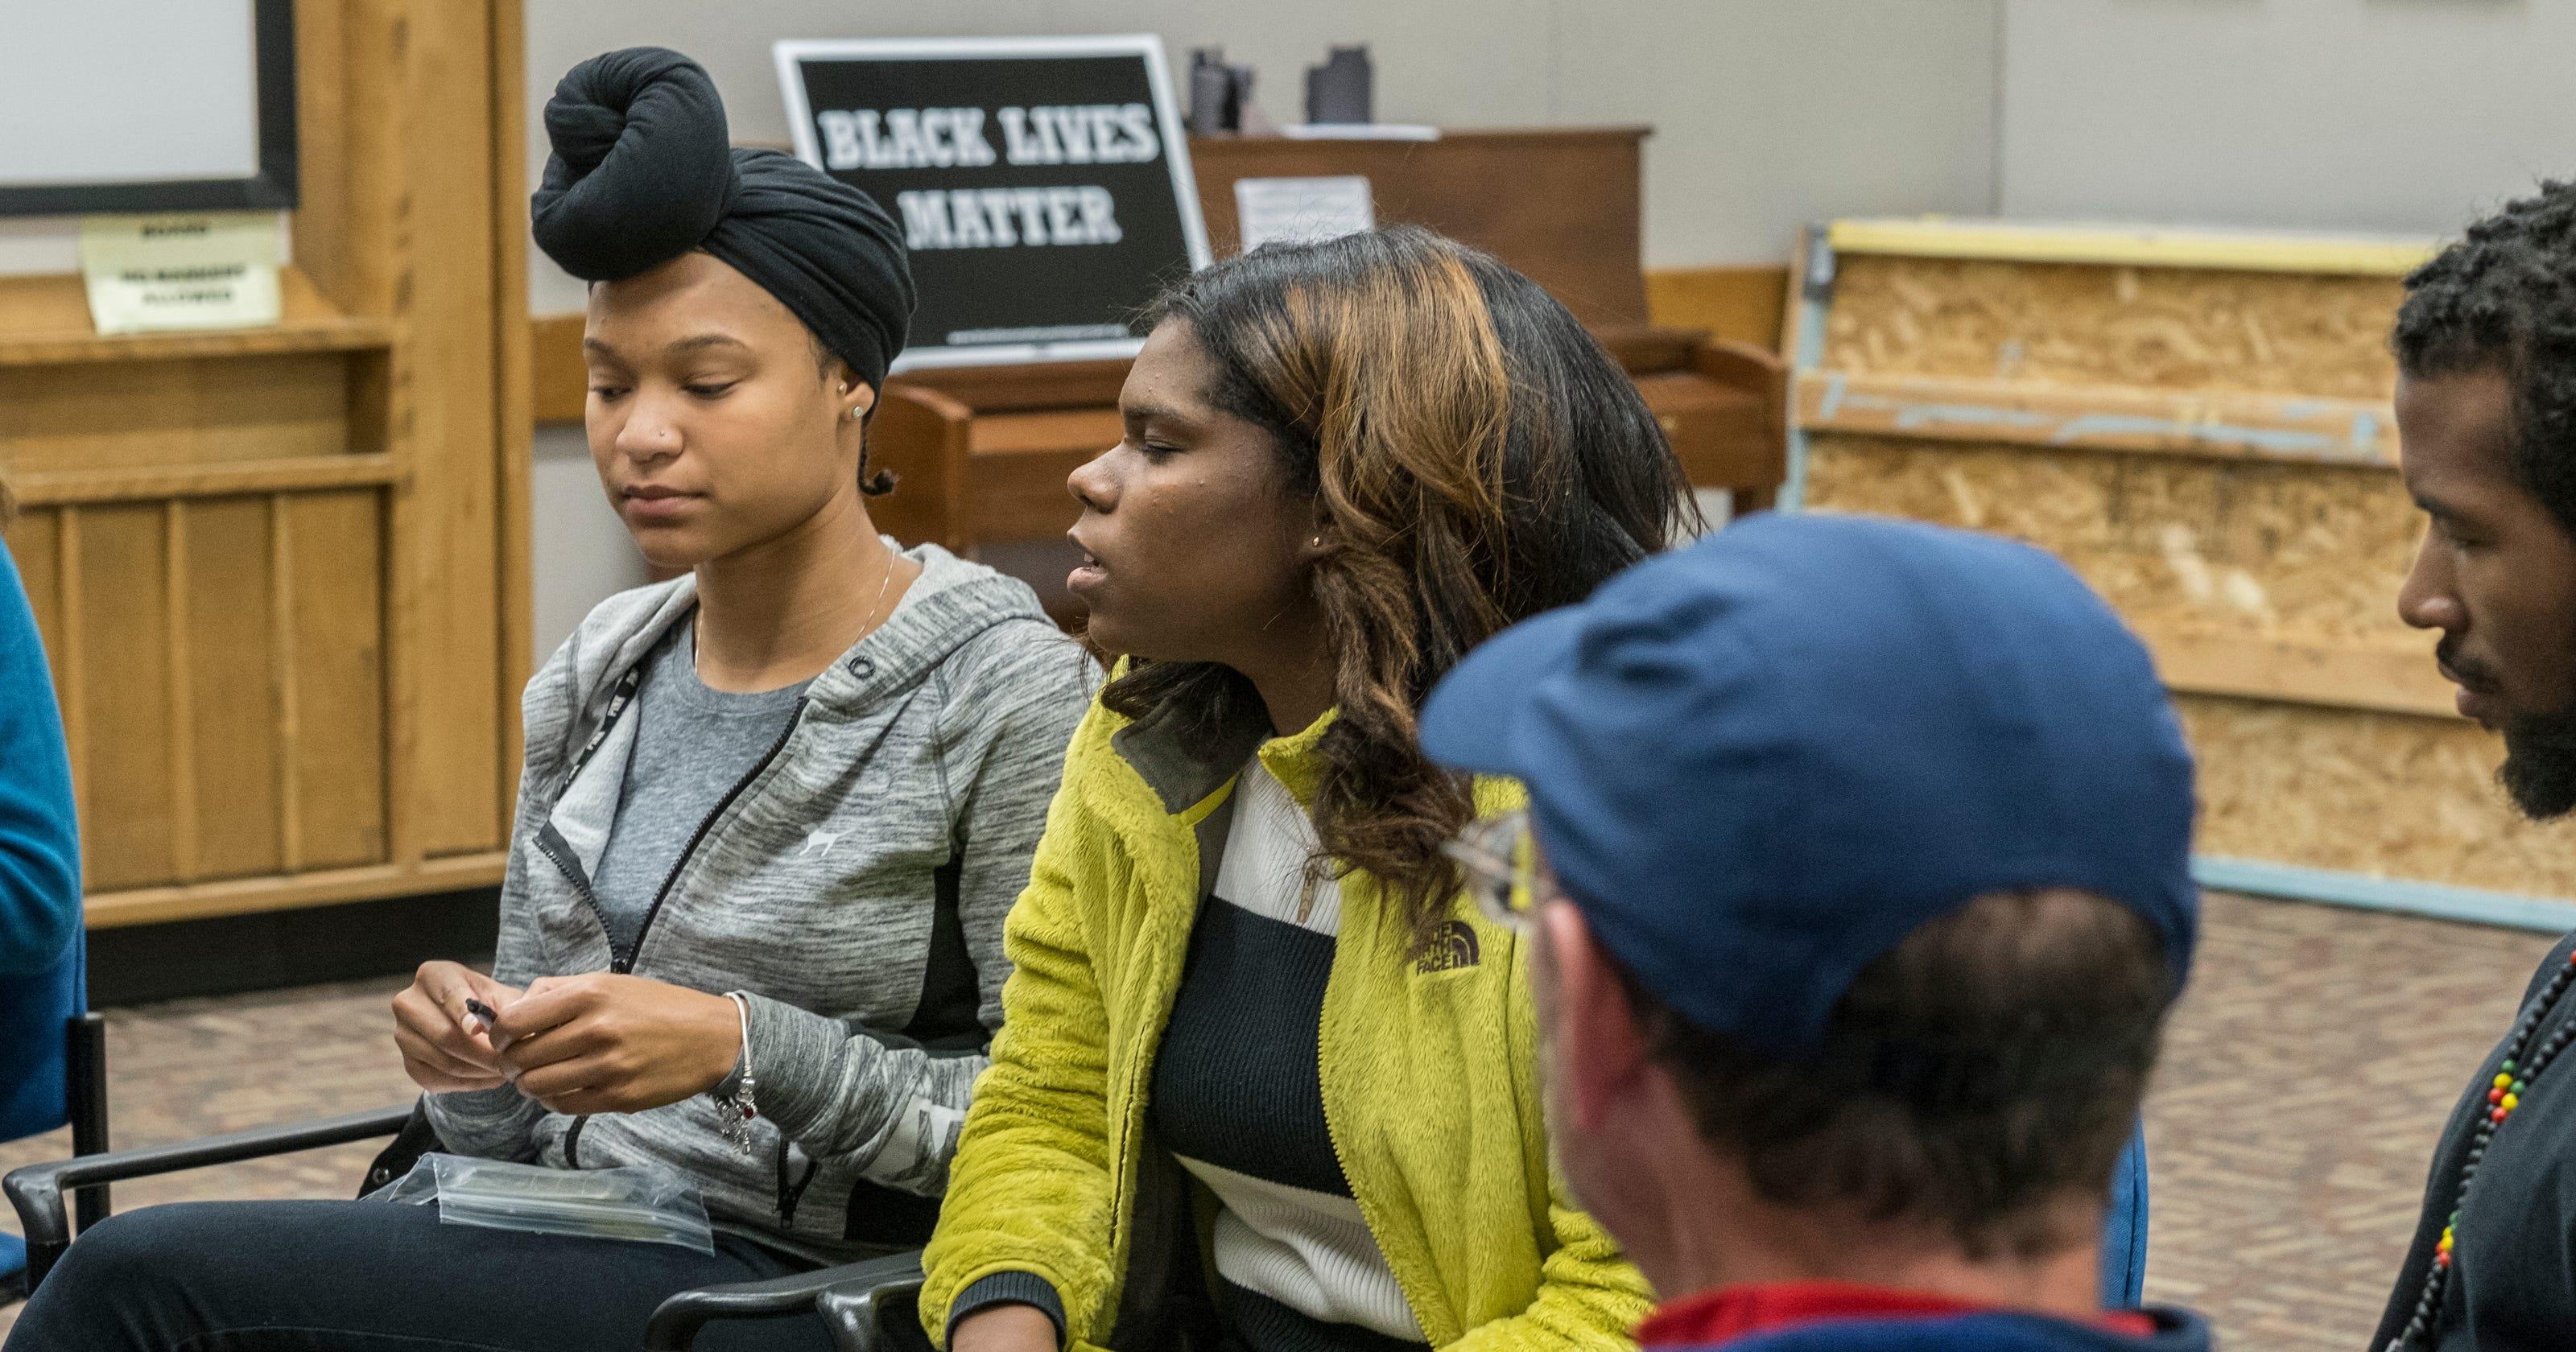 Community Discusses Black Lives Matter At East Lansing